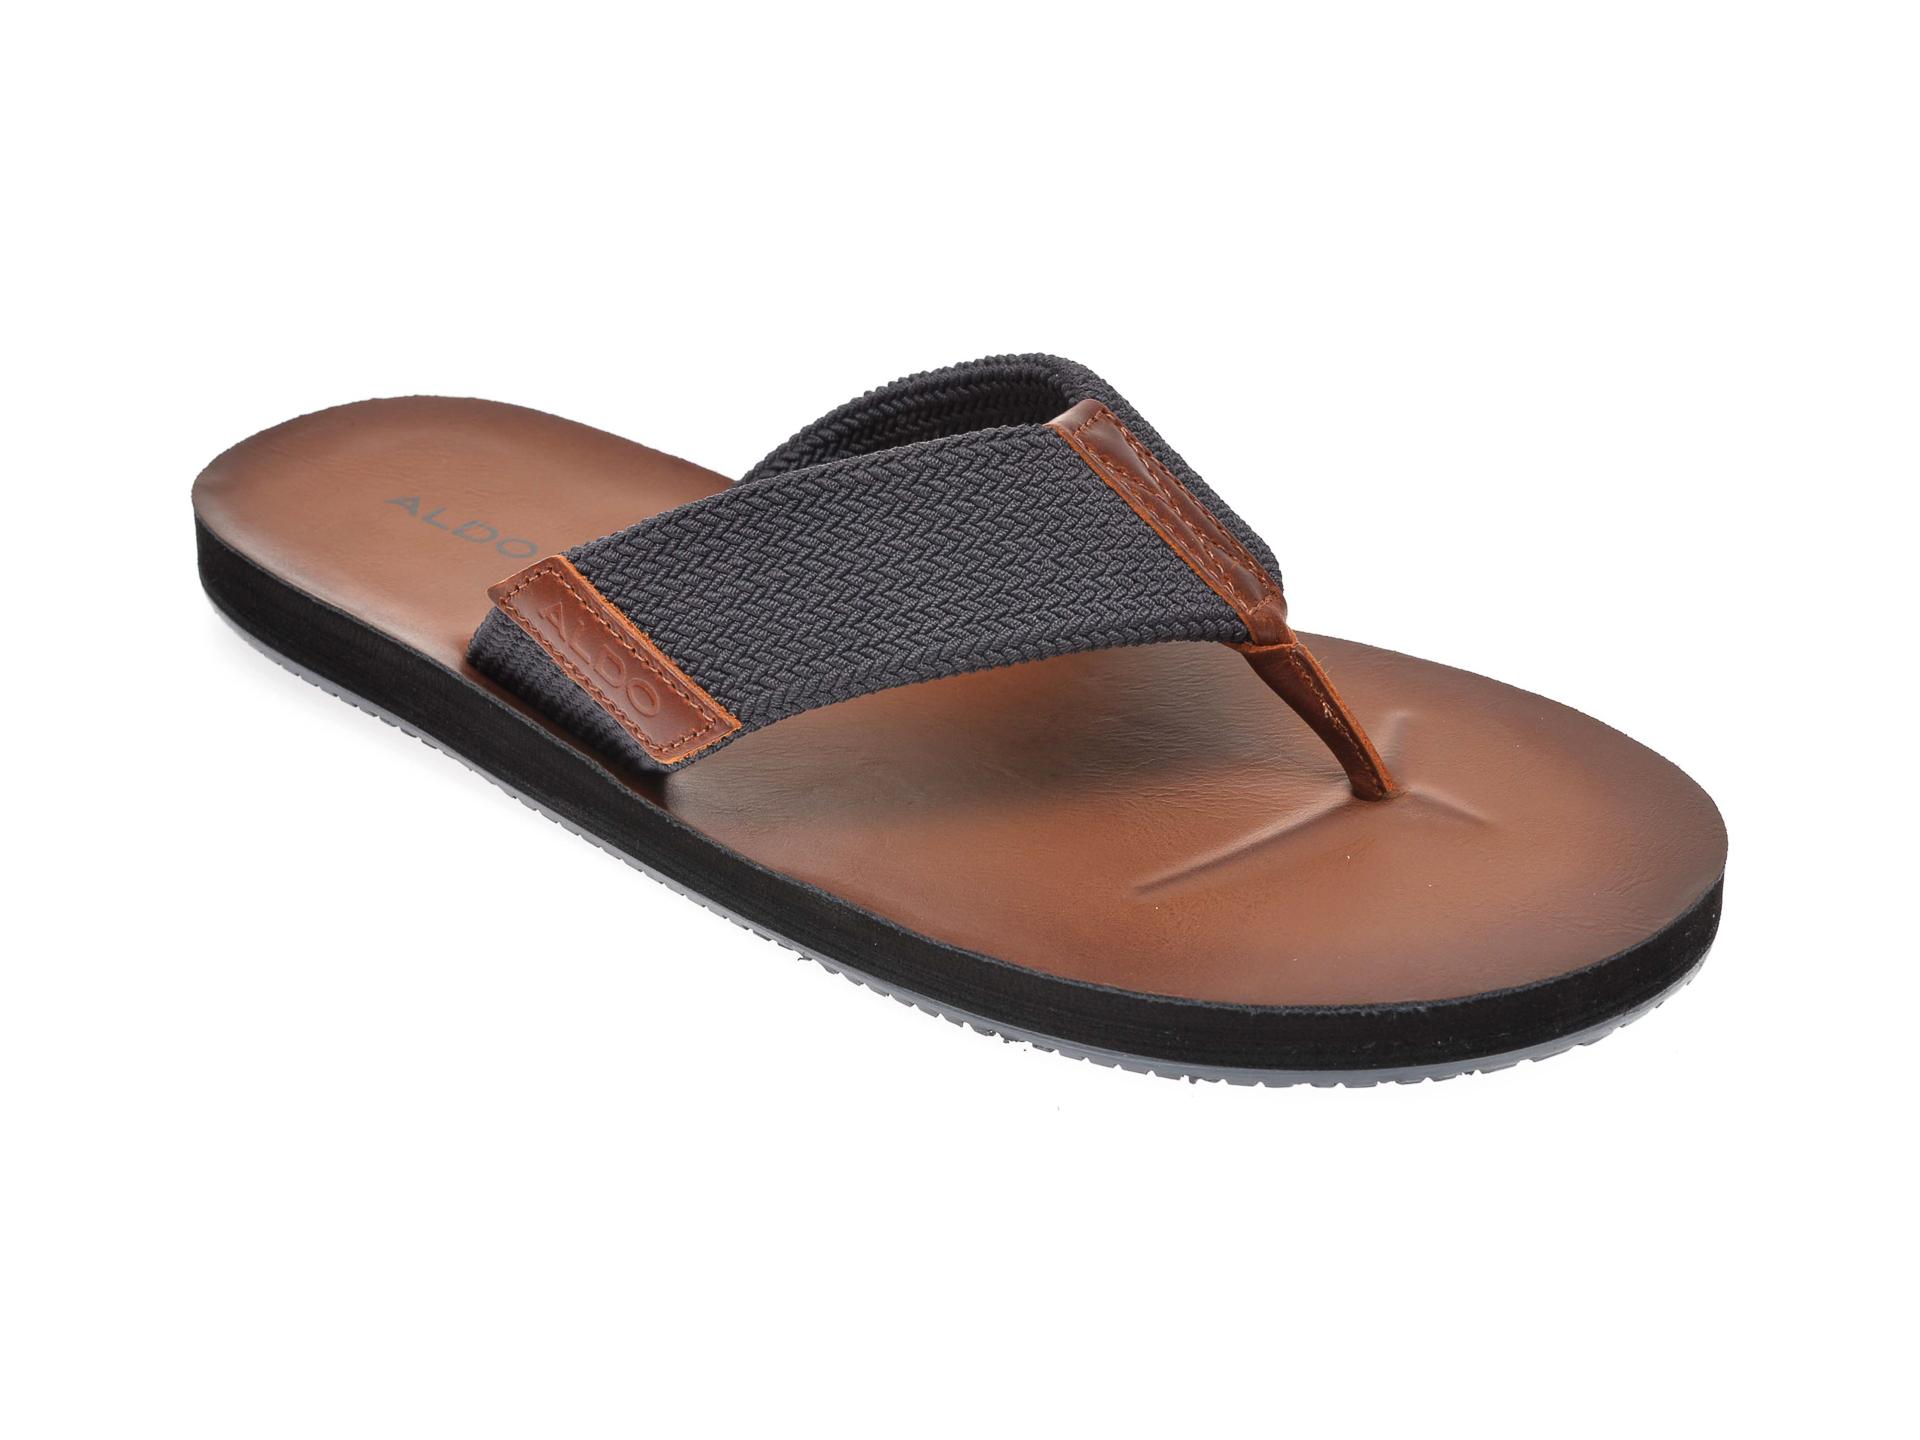 /barbati/sandale Barbati